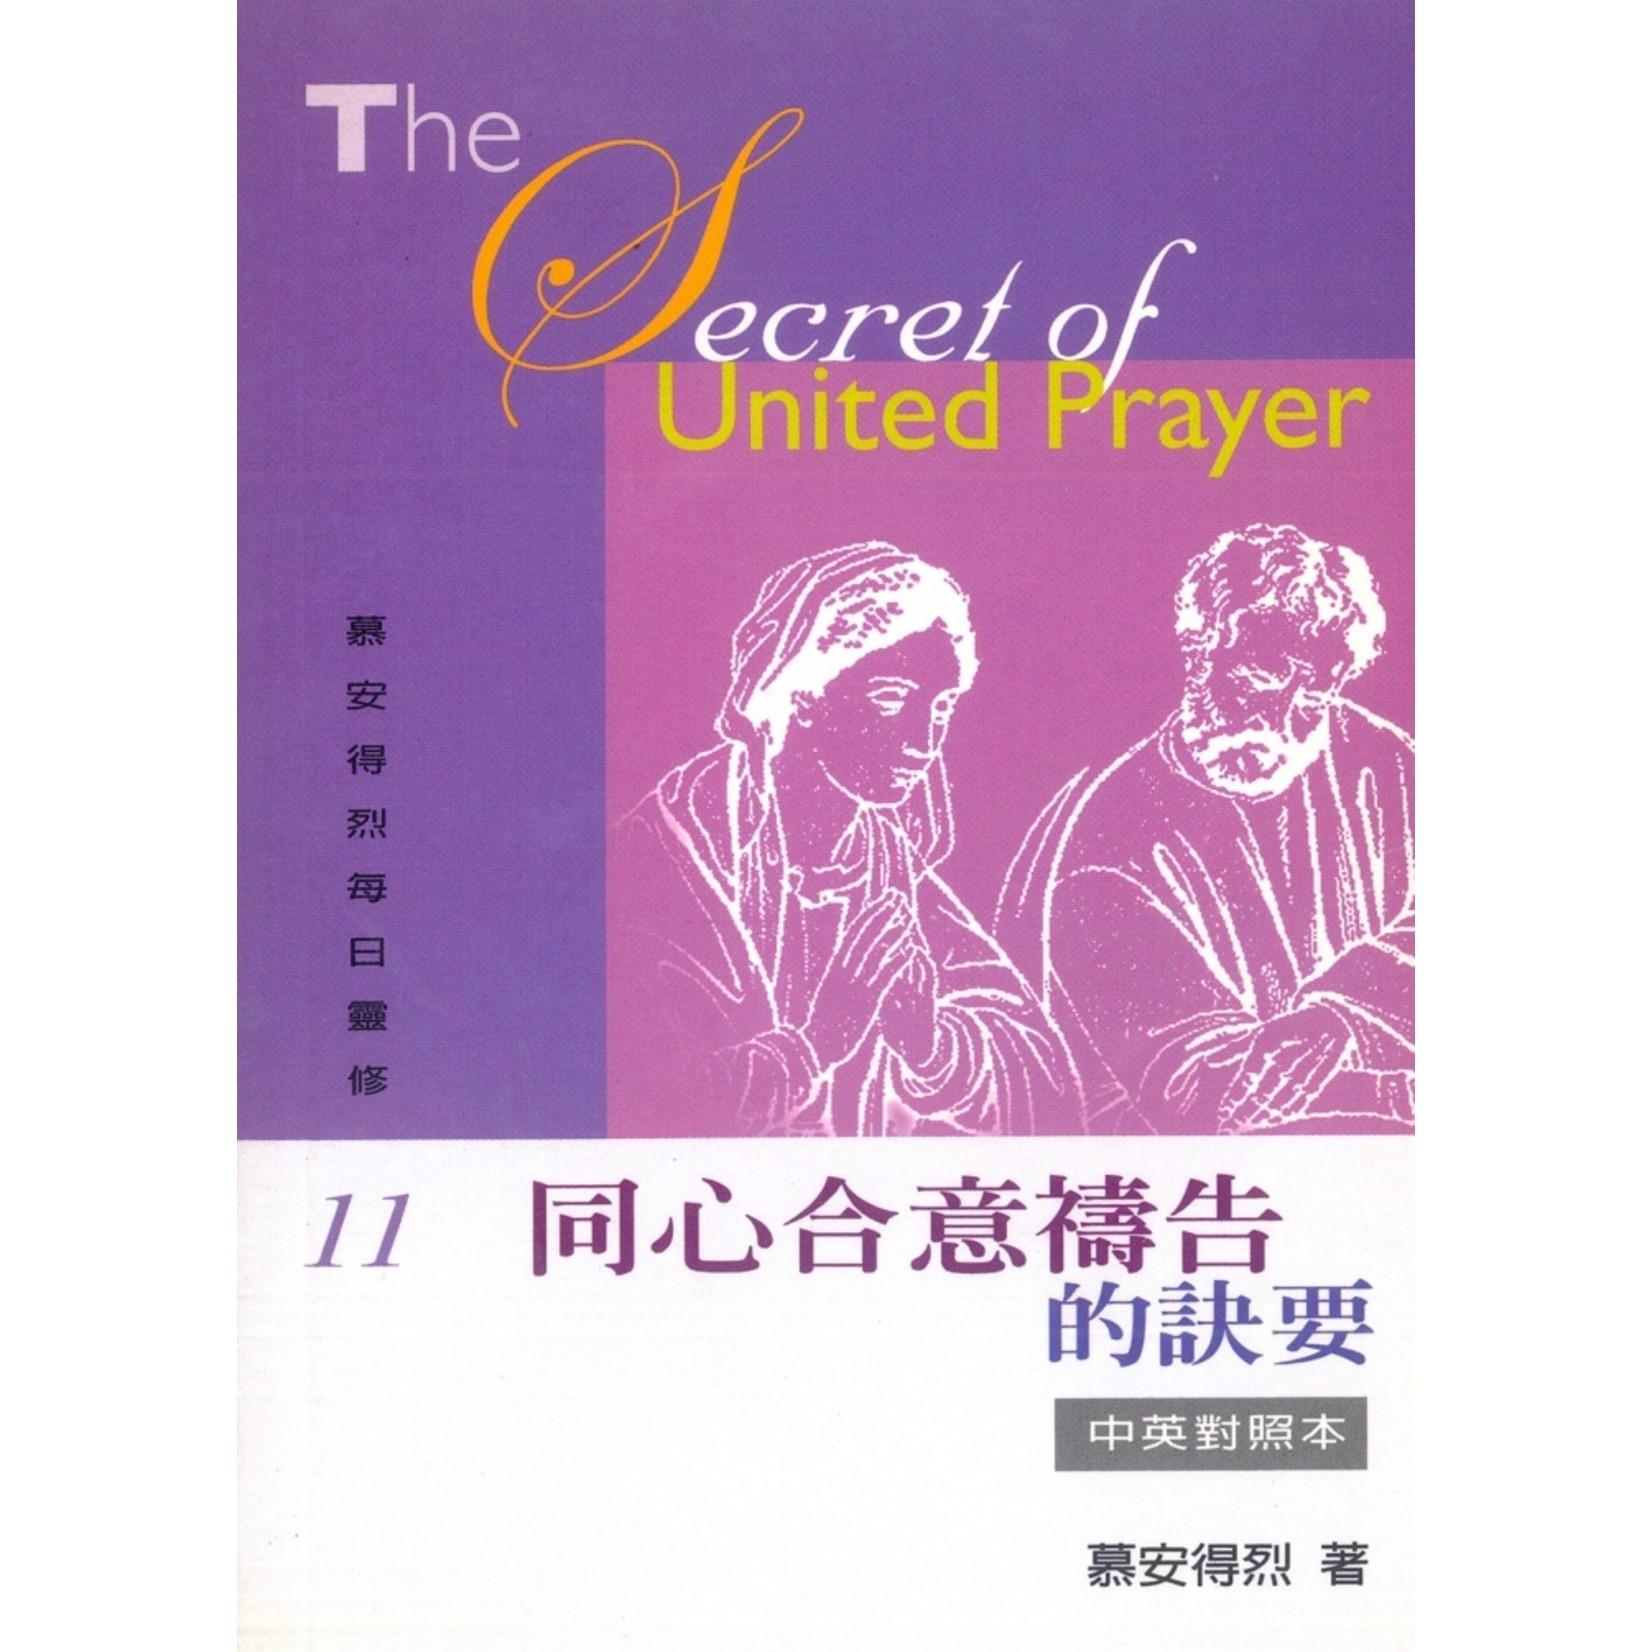 歸主 (TW) 慕安得烈每日靈修11:同心合意禱告的要訣(中英對照) The Secret of United Prayer